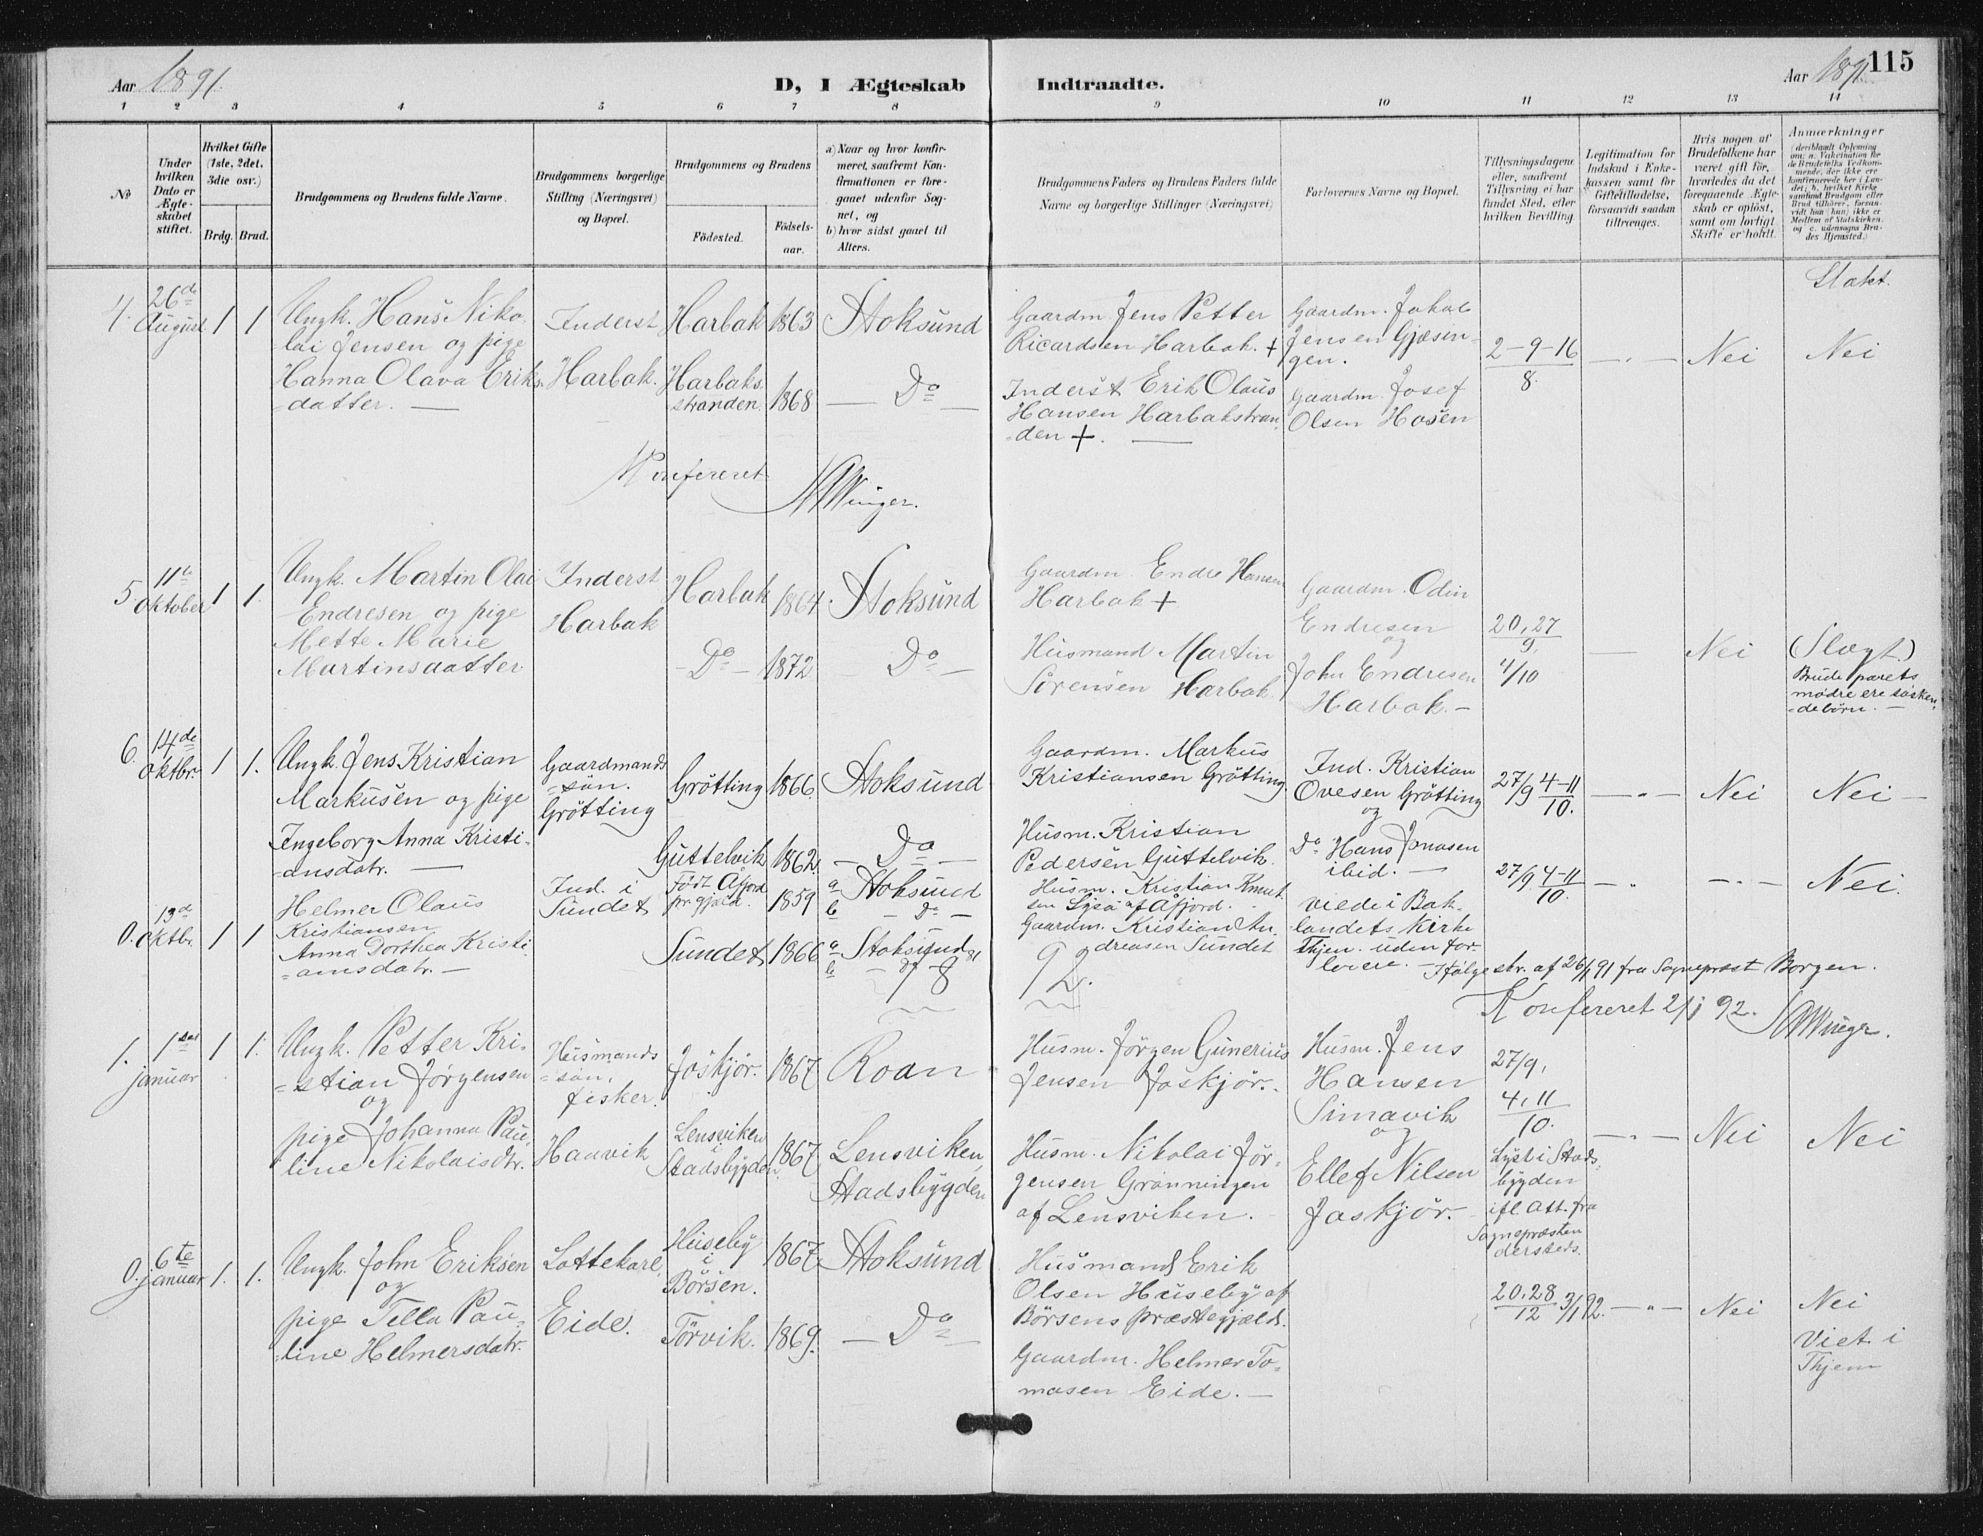 SAT, Ministerialprotokoller, klokkerbøker og fødselsregistre - Sør-Trøndelag, 656/L0698: Klokkerbok nr. 656C04, 1890-1904, s. 115